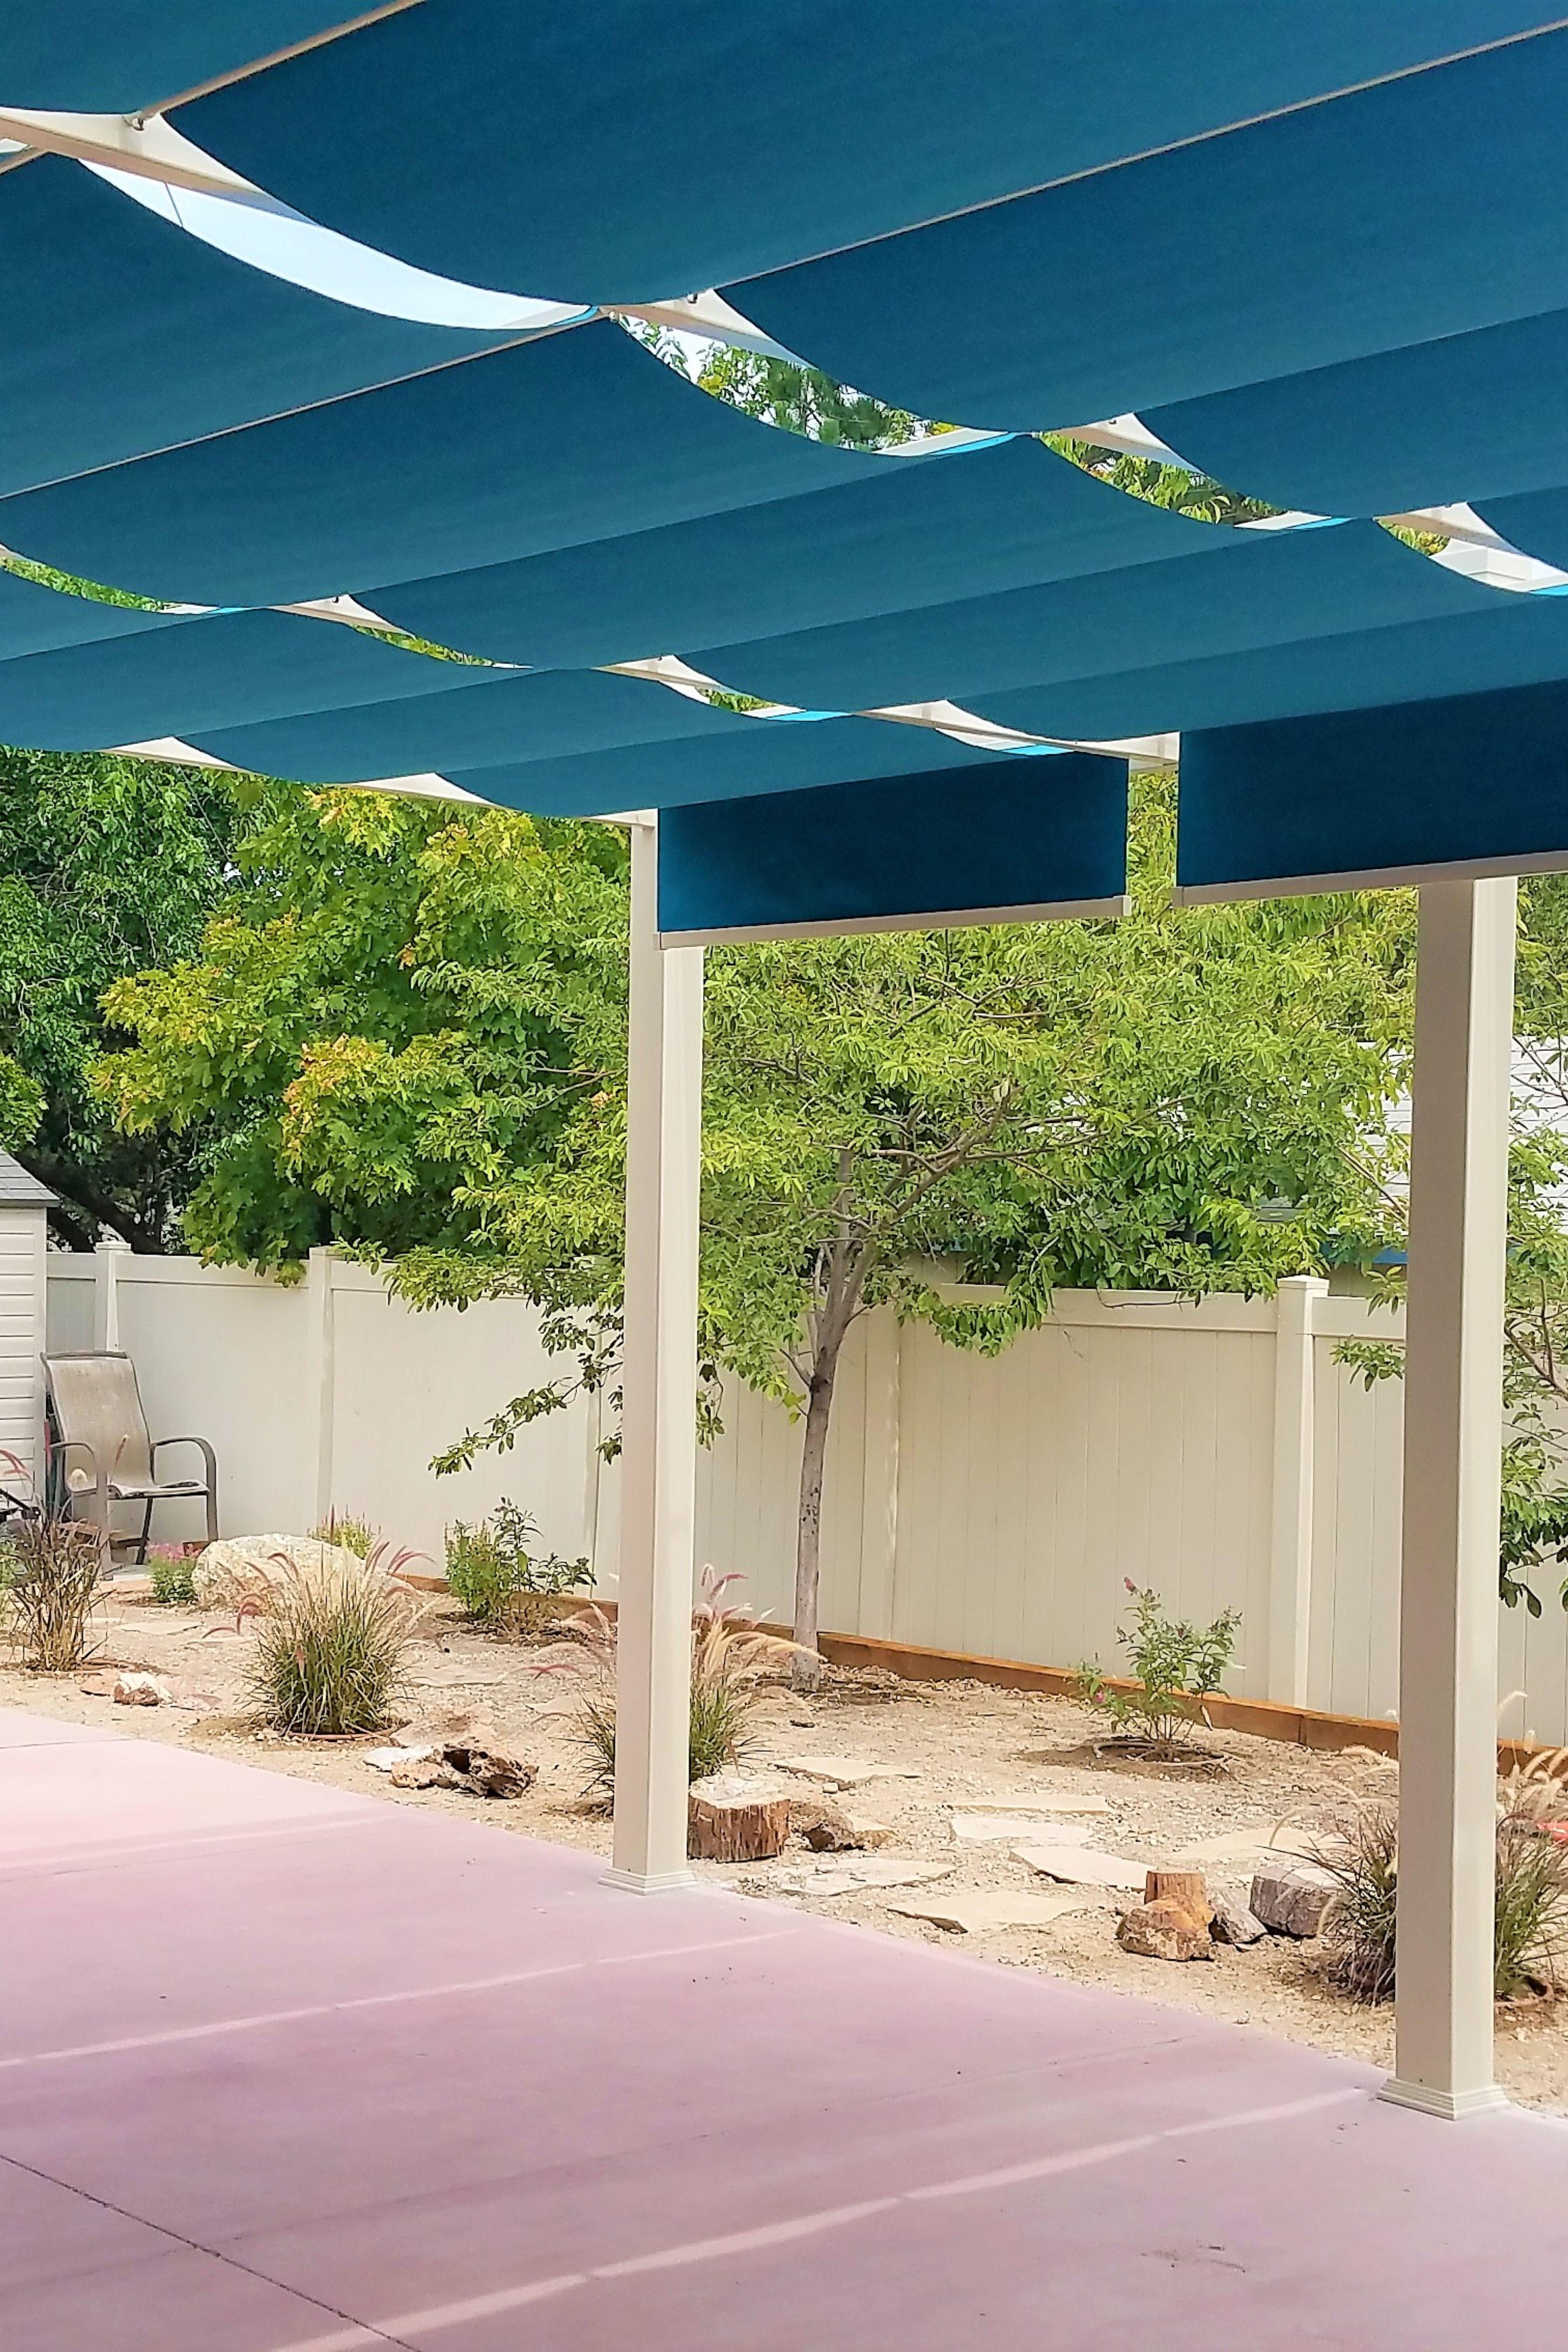 Turquoise Blue Fabric Shades On White Backyard Pergola Pergola Shade Cover Pergola Pergola Garden